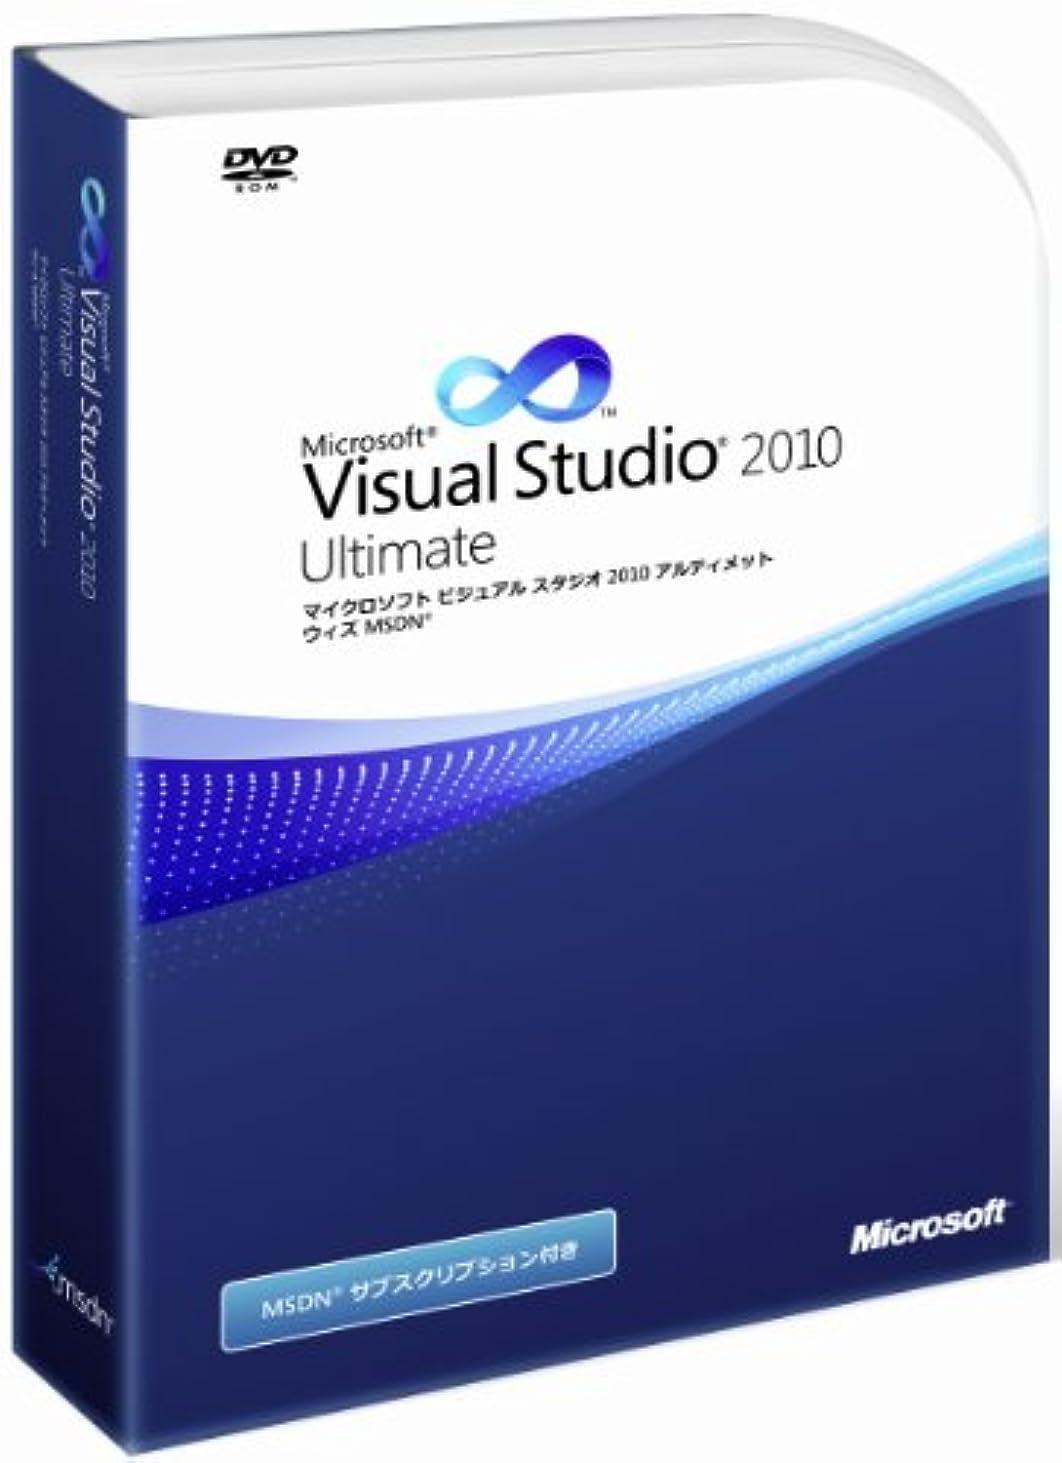 再生食品急勾配のMicrosoft Visual Studio 2010 Ultimate with MSDN